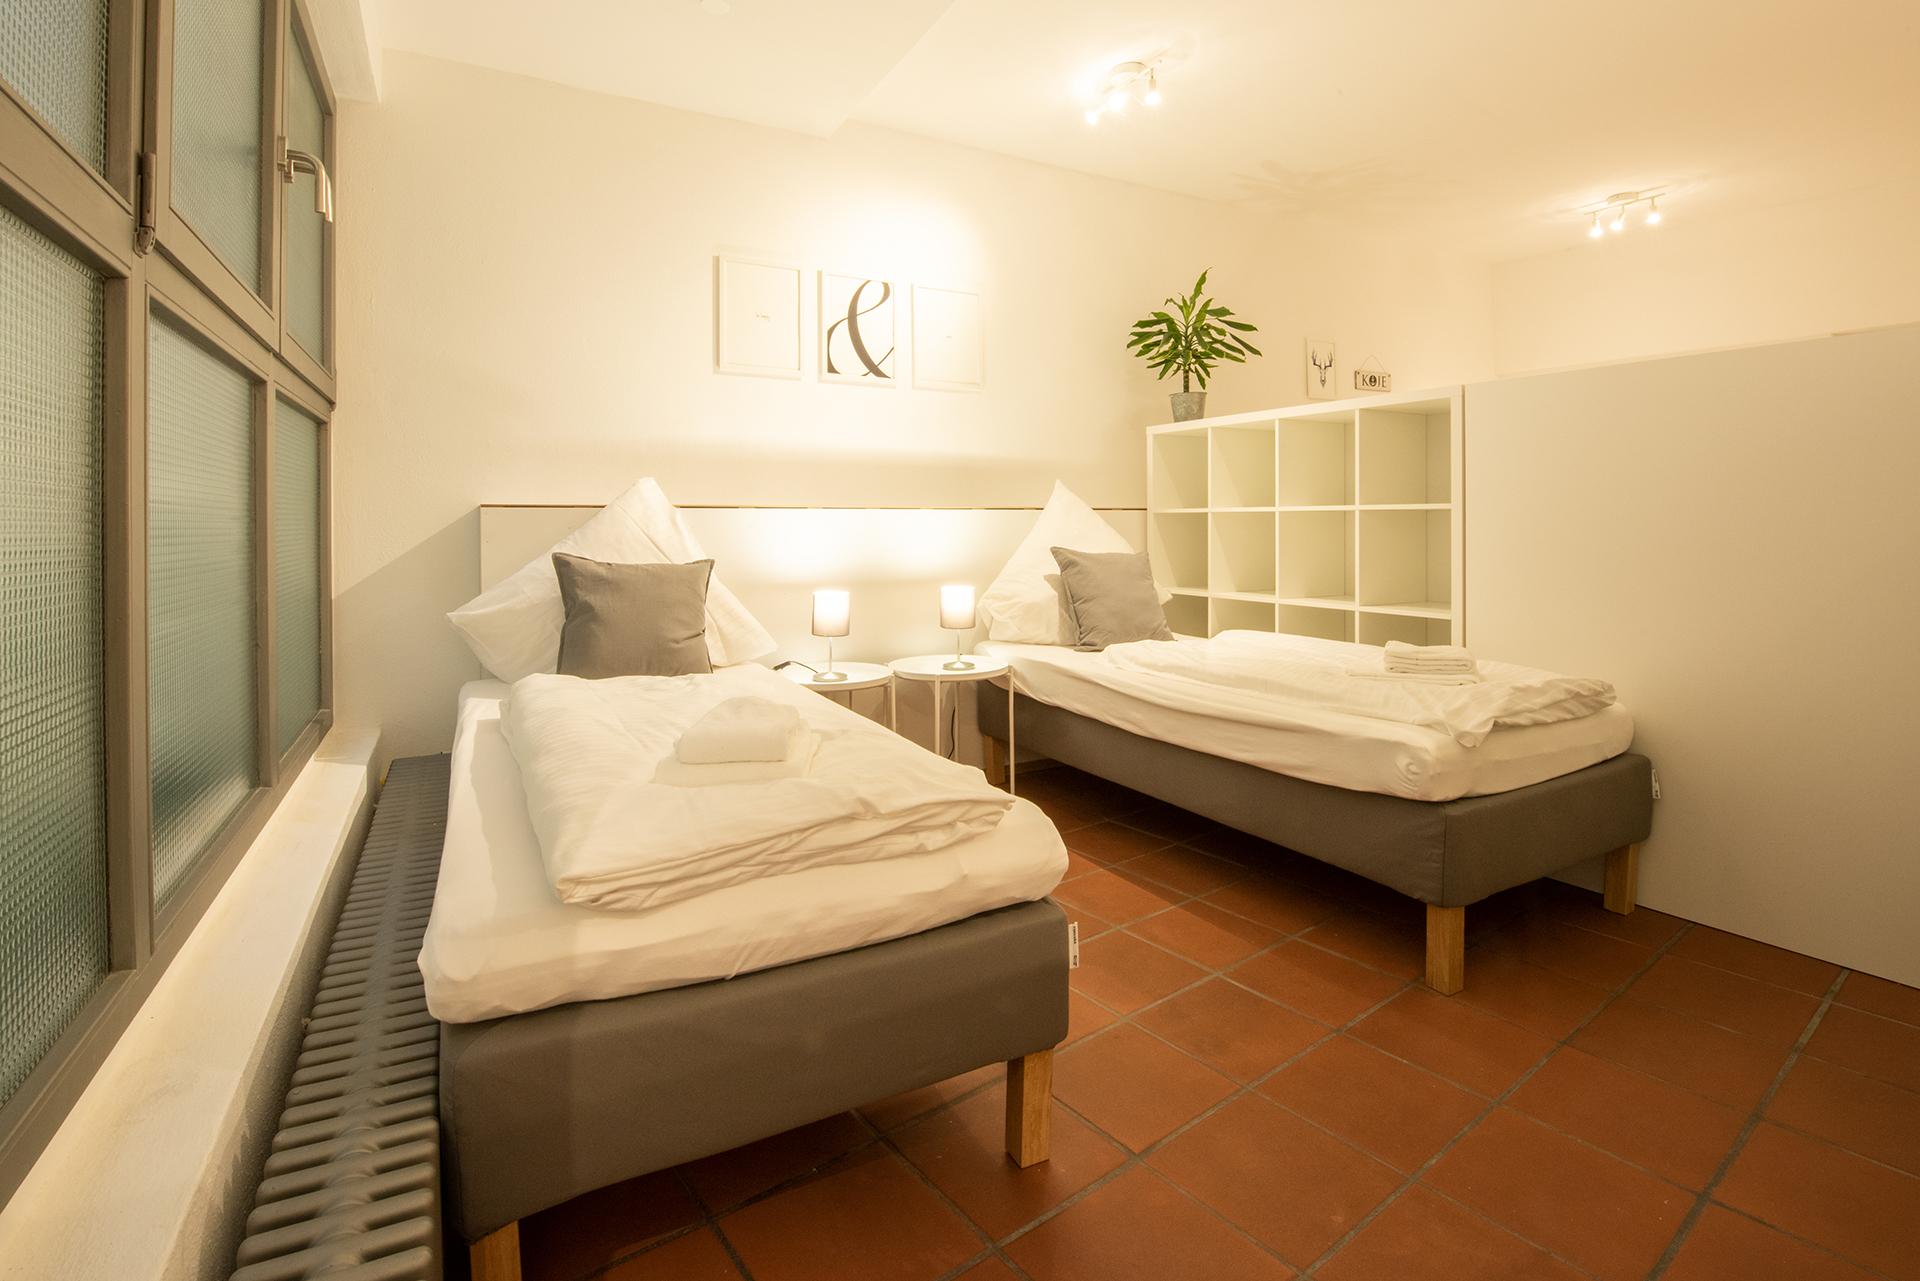 Business Apartment am Bodensee - Schlafen 2